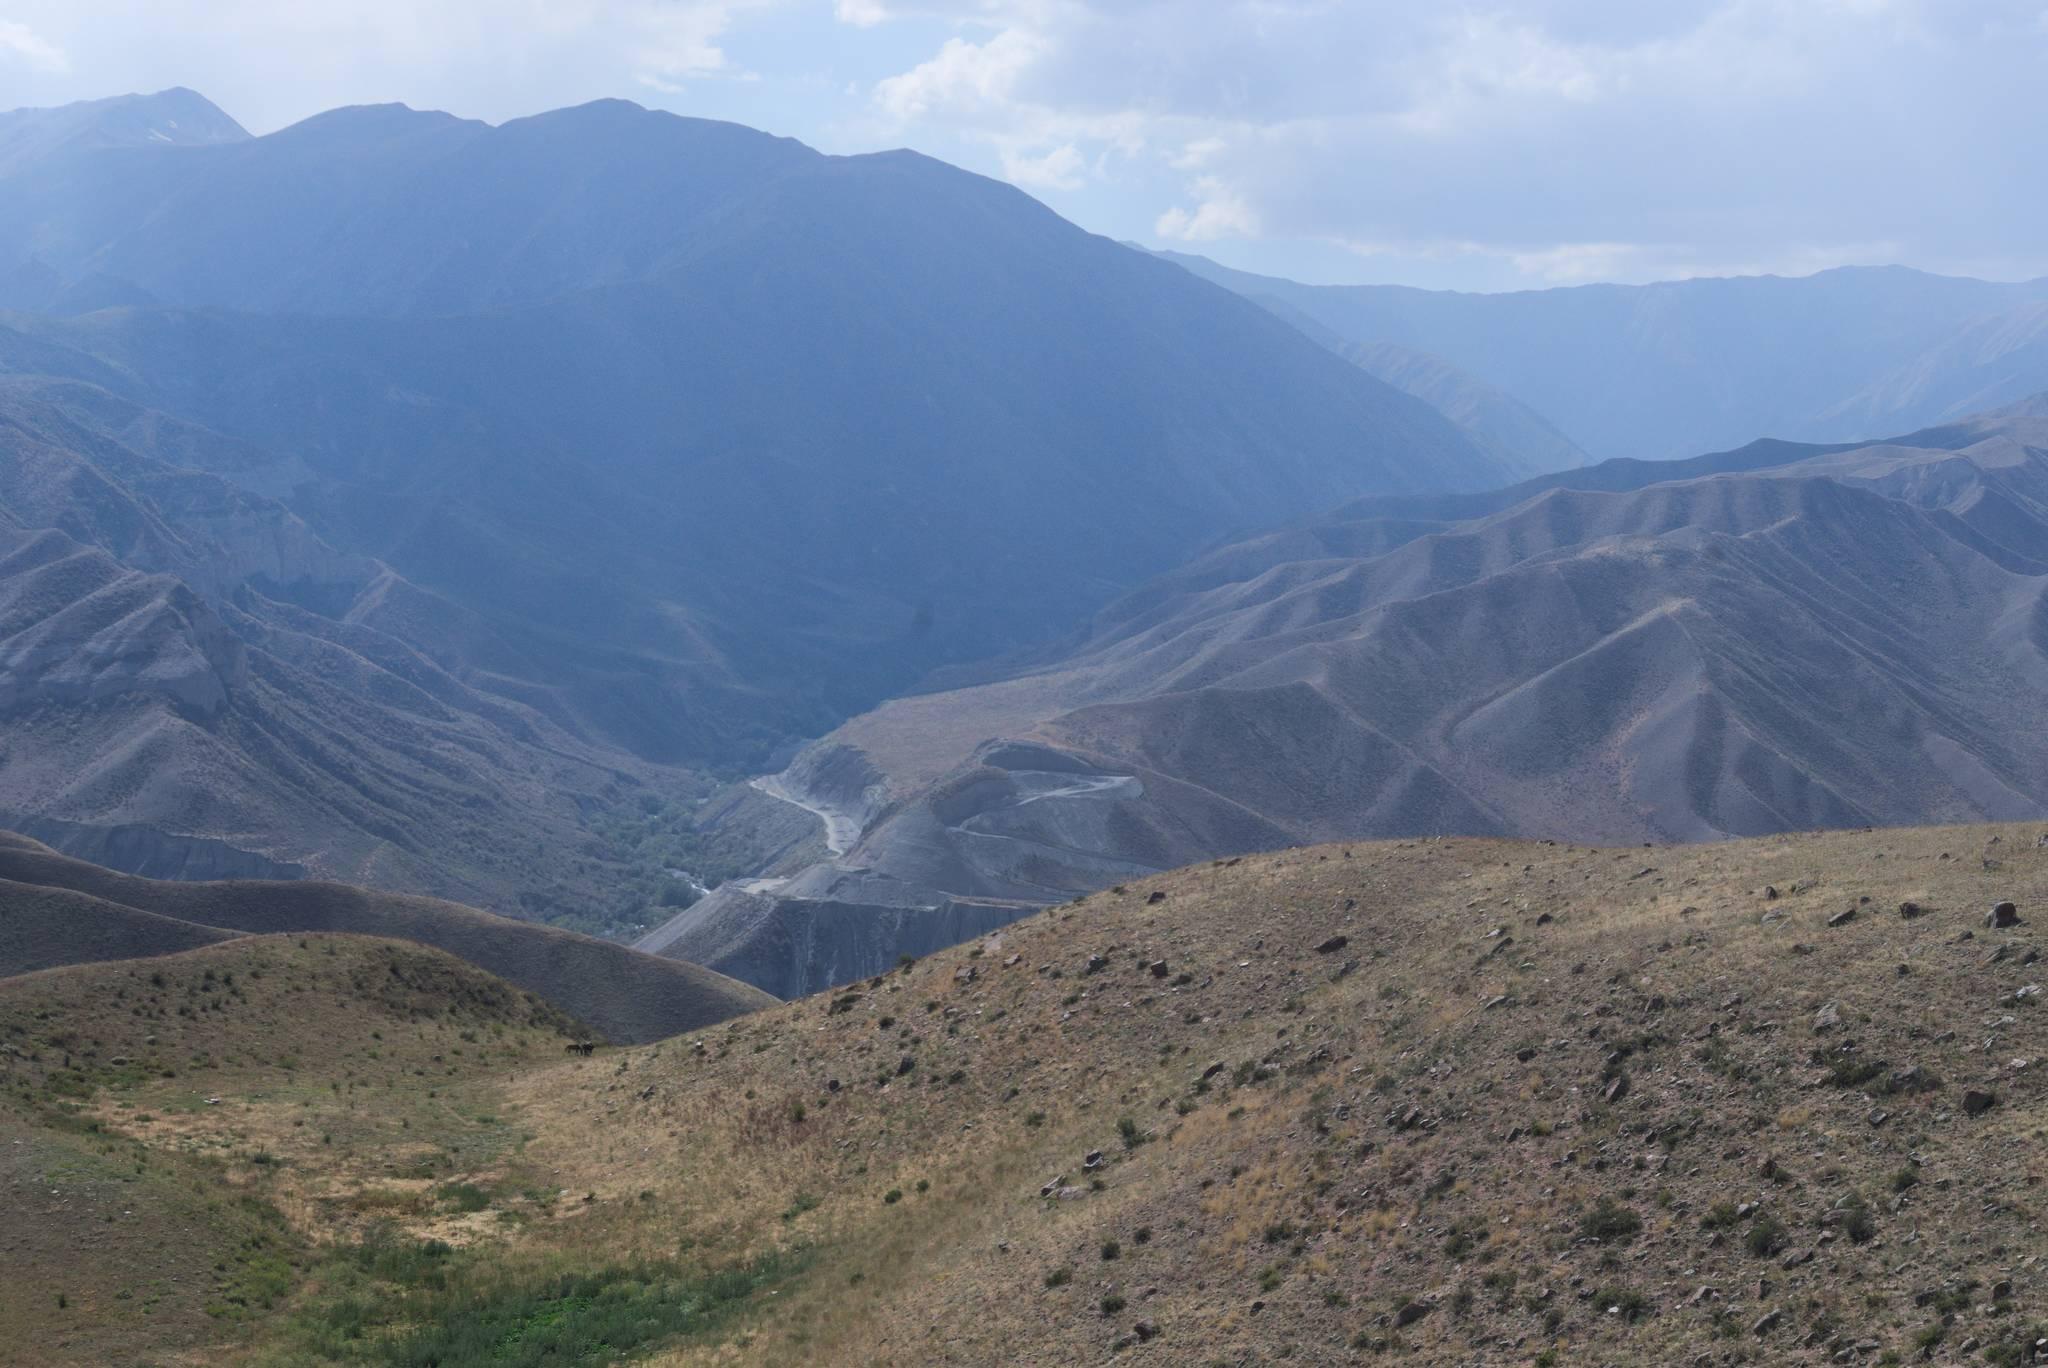 Po drugiej stronie doliny, budowa nowej drogi